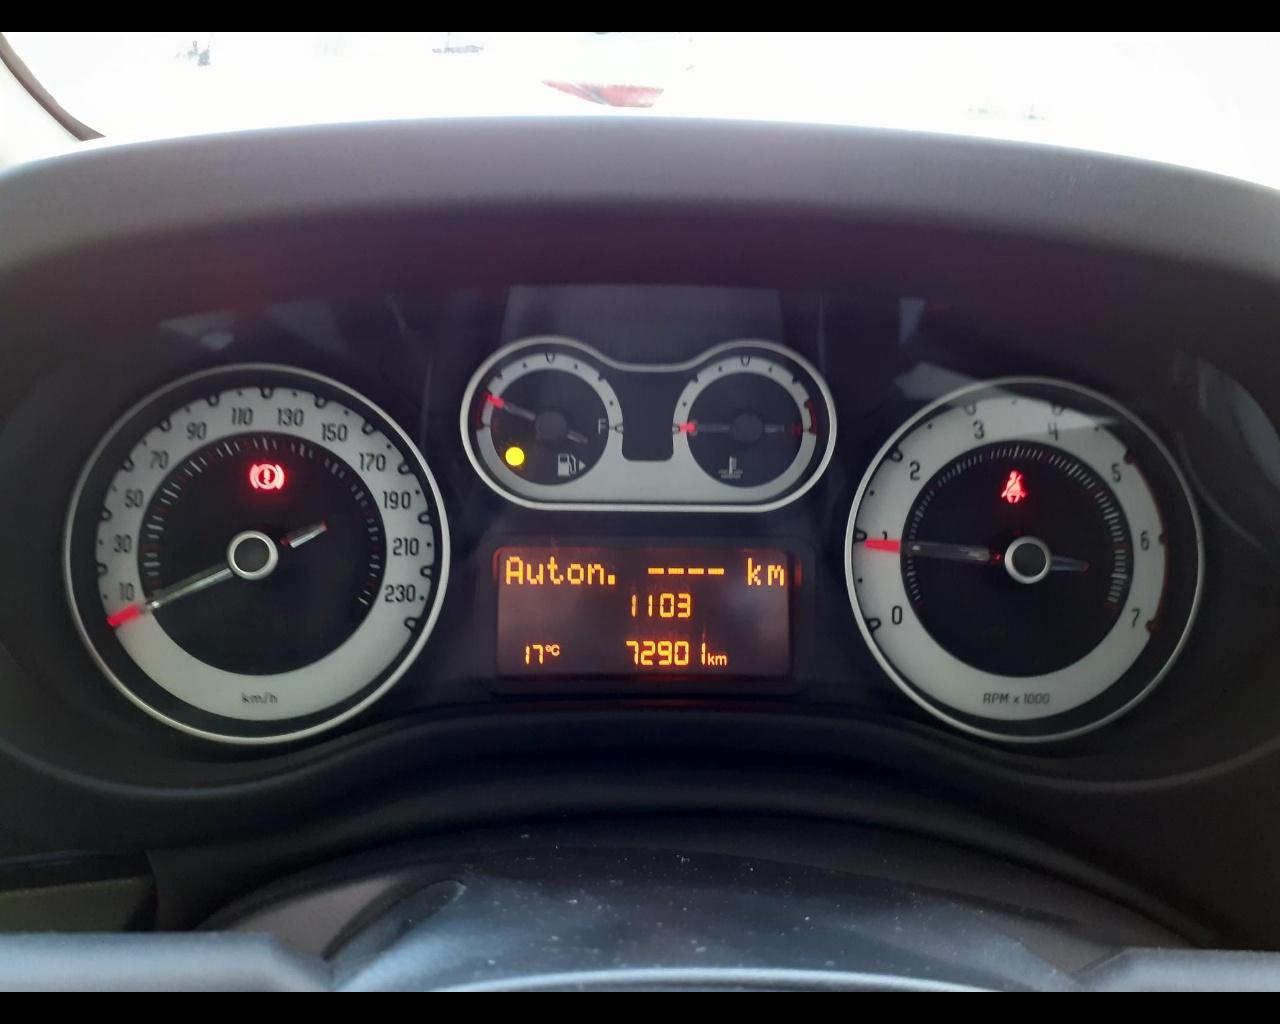 FIAT 500L 1.3 mjt Trekking 95cv